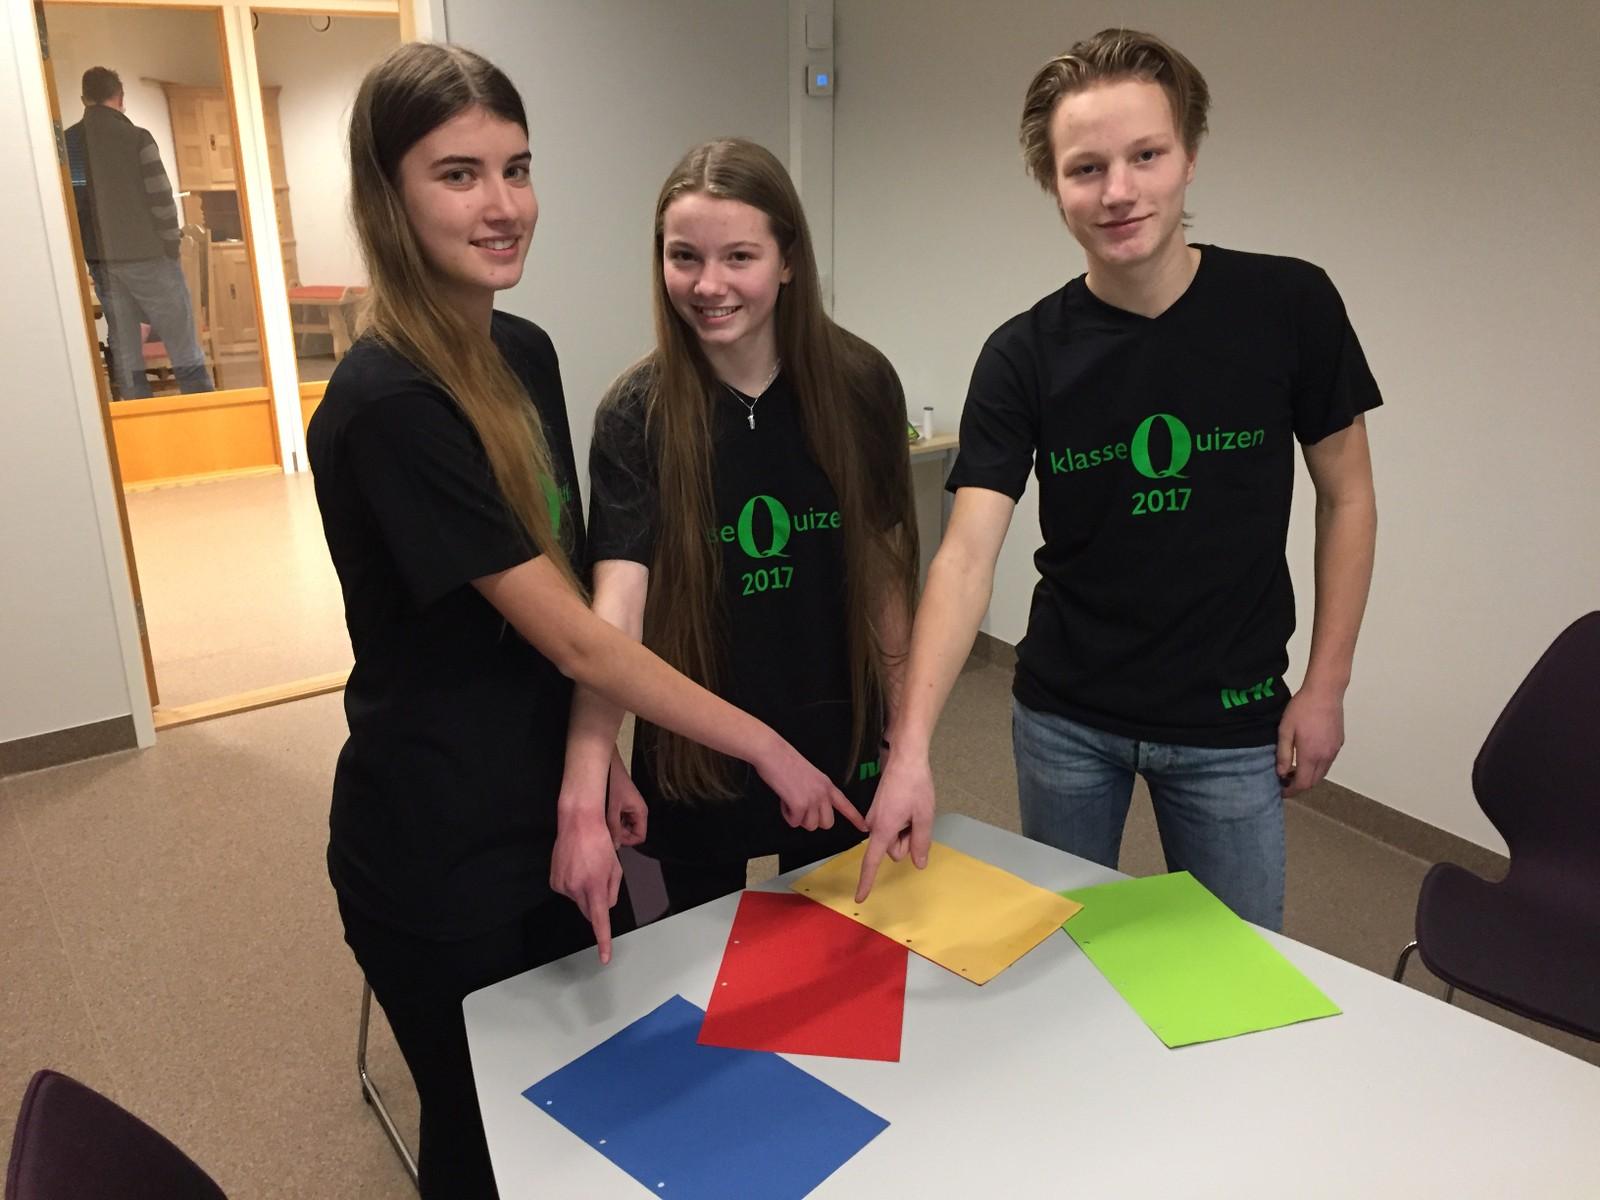 Anita Thorvaldsen, Gina Ingeborg Bråthen og Erik Simengård fra Øyer ungdomsskole fikk åtte rette.